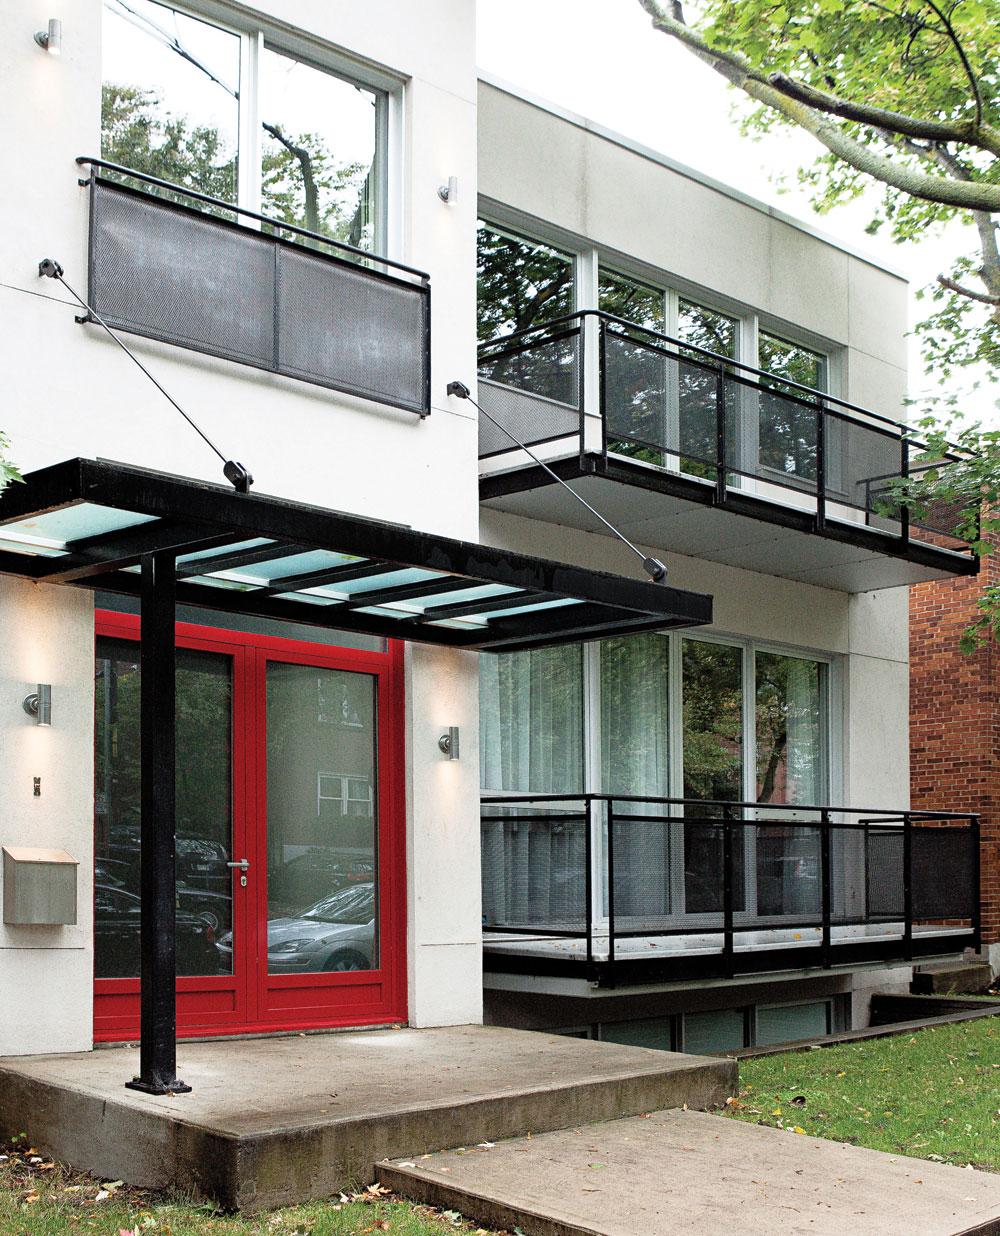 C'était un immeuble de bureaux, ce l'est encore en partie, car l'avocat-propriétaire y a fait son bureau et sa demeure. Un parement en vinyle avec une forte présence d'acier orne la façade et une porte rouge, très vitrée, se veut un clin d'œil à celle de l'autre maison qu'il a quittée.